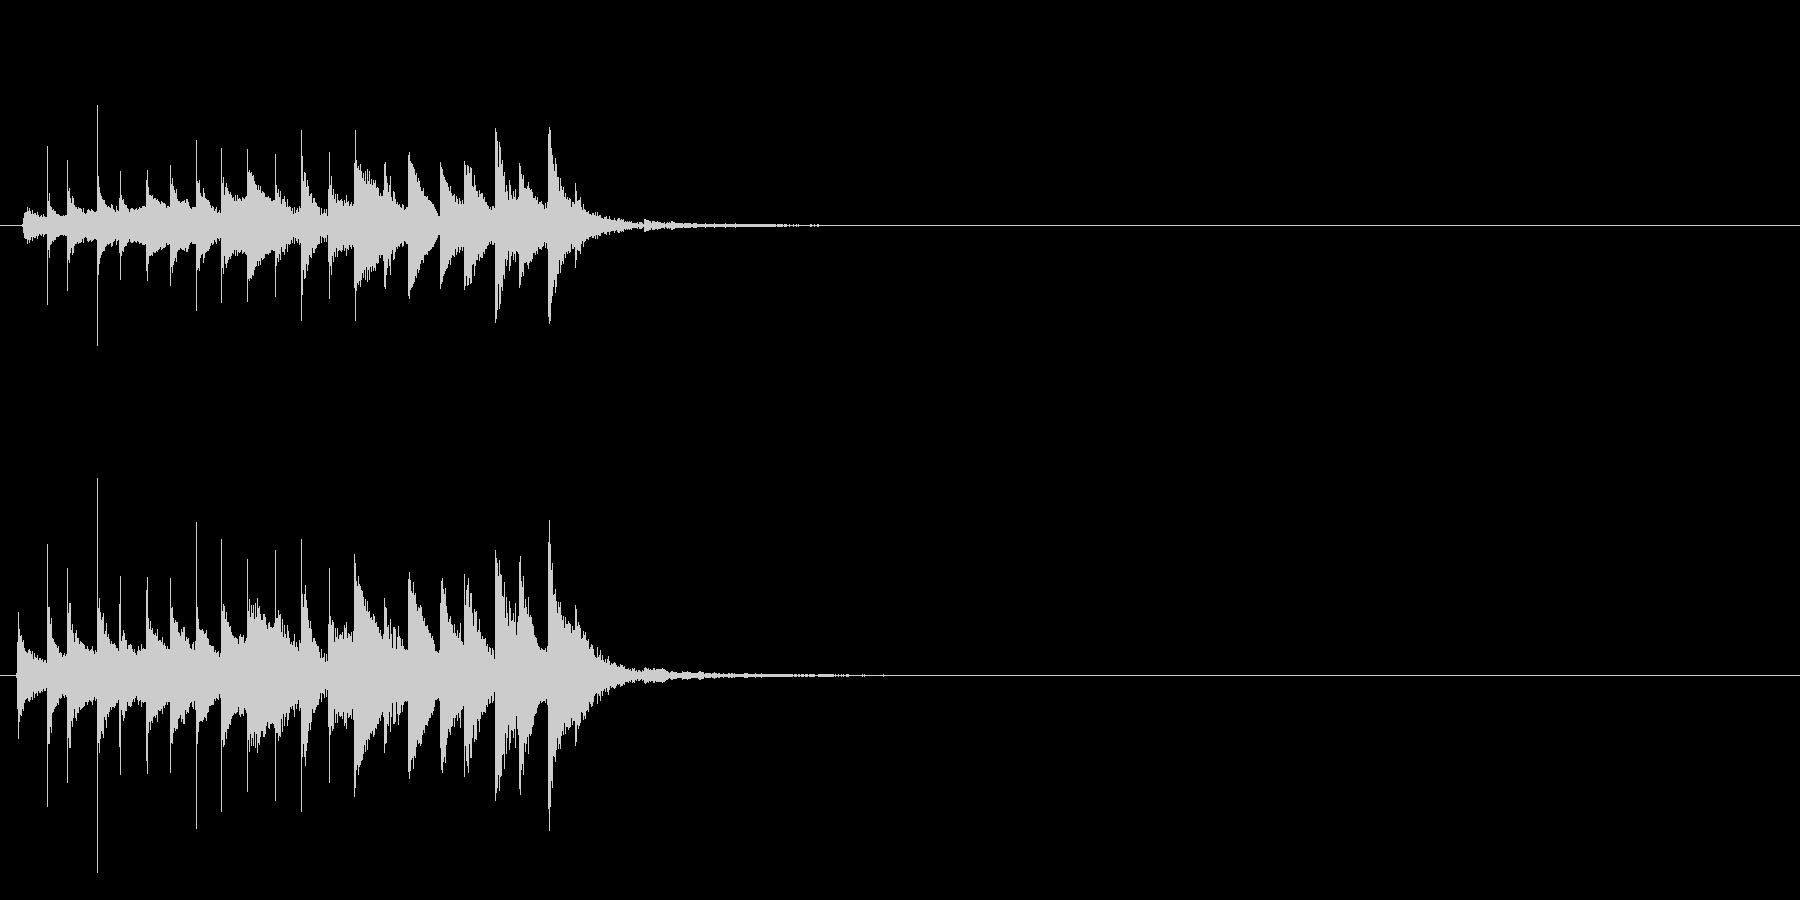 おばけ ちりちりちり(上がる)の未再生の波形